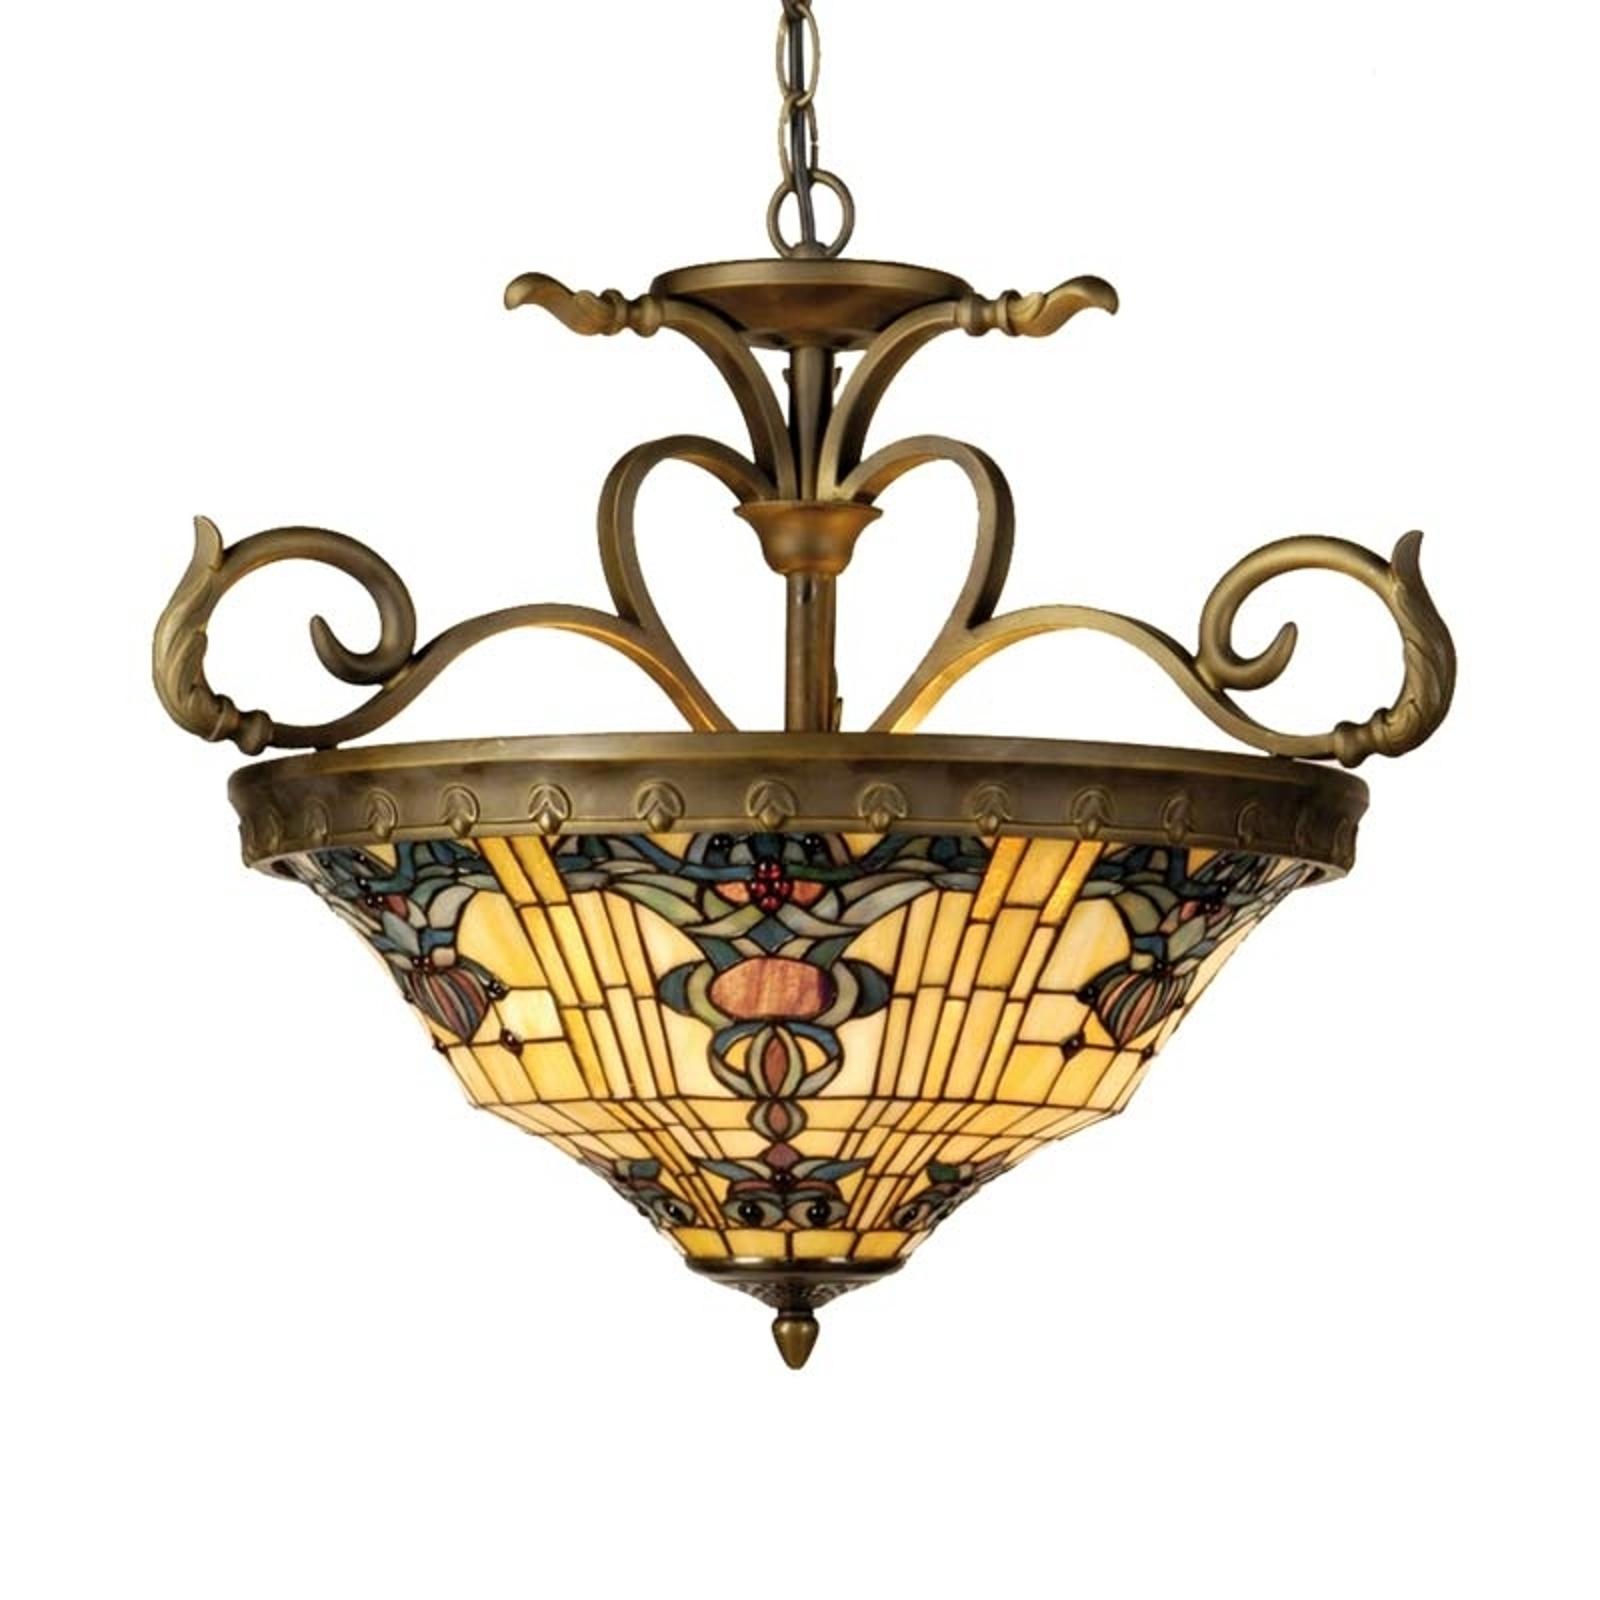 Lampa wisząca w stylu Tiffany Anthia 2